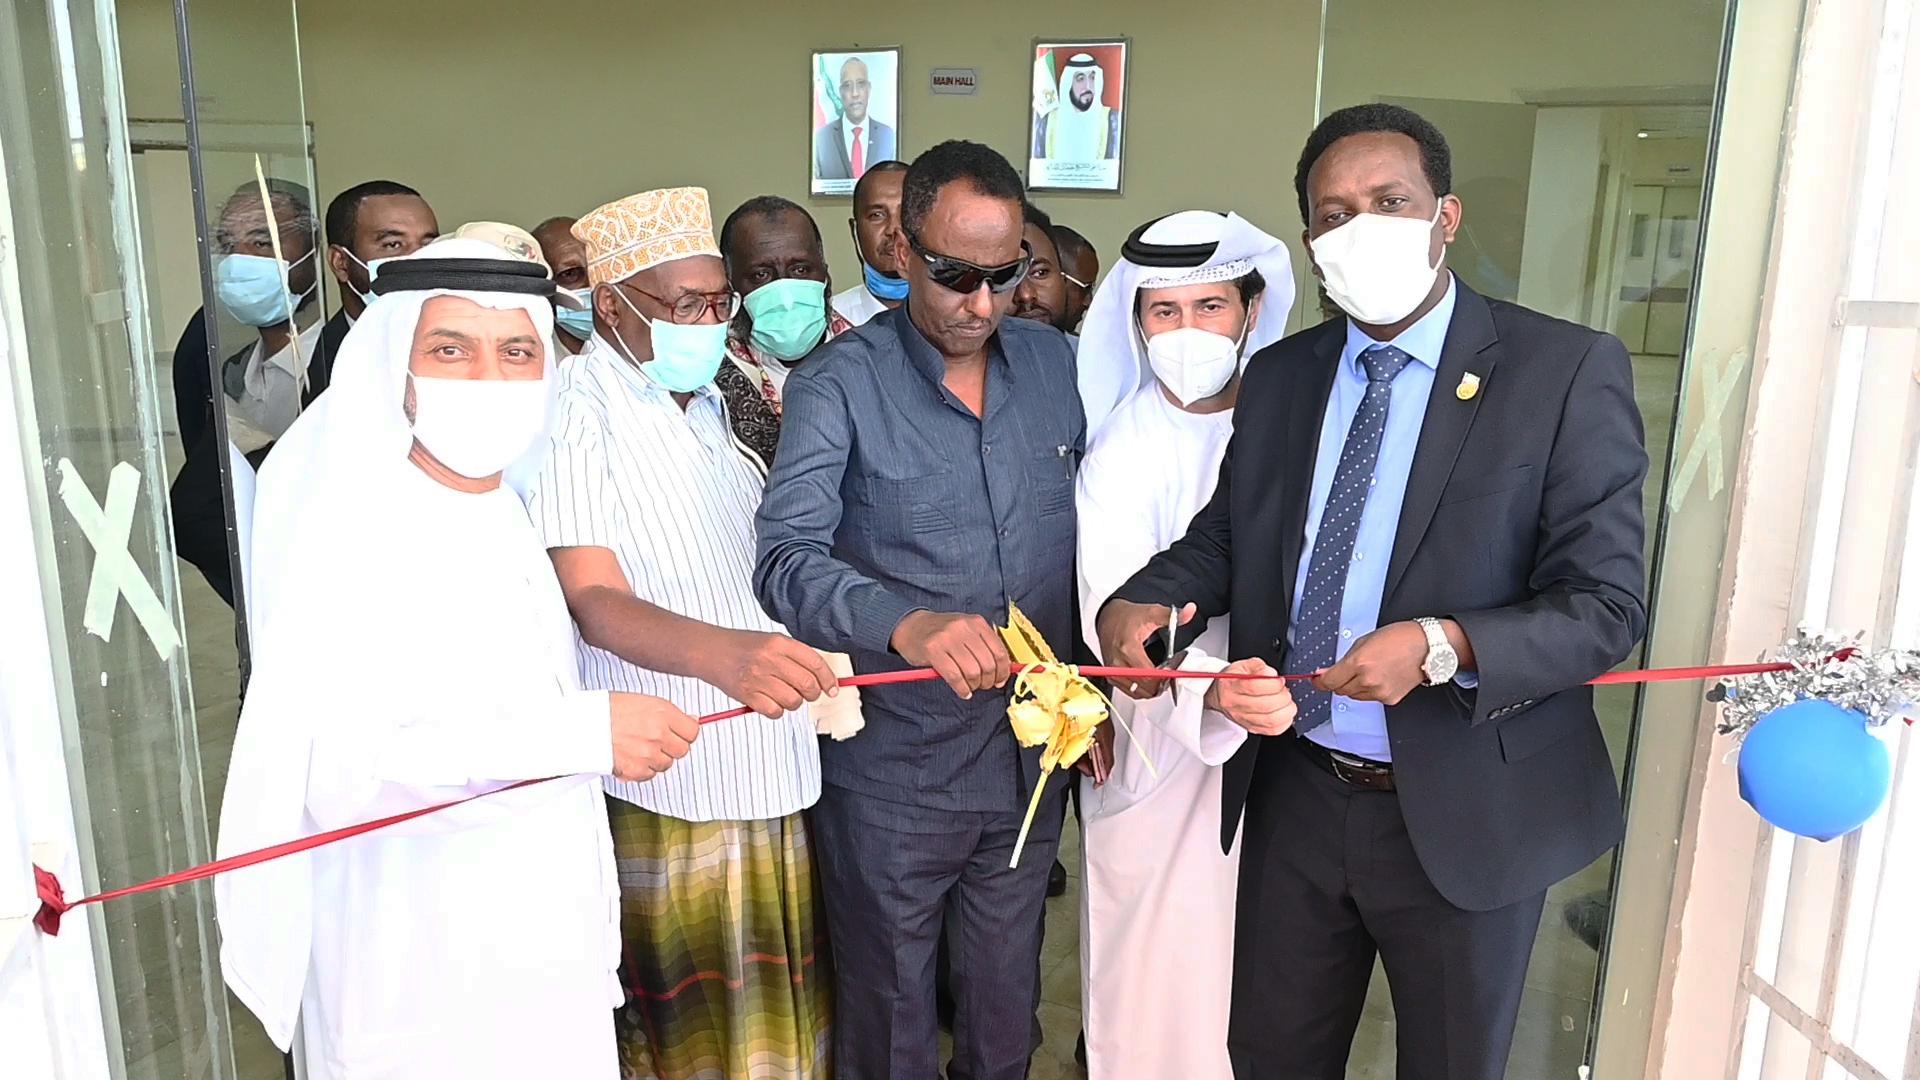 بتوجيهات رئيس الدولة ودعم محمد بن زايد .. الإمارات تفتتح مستشفيين في بربرة وبرعو بأرض الصومال